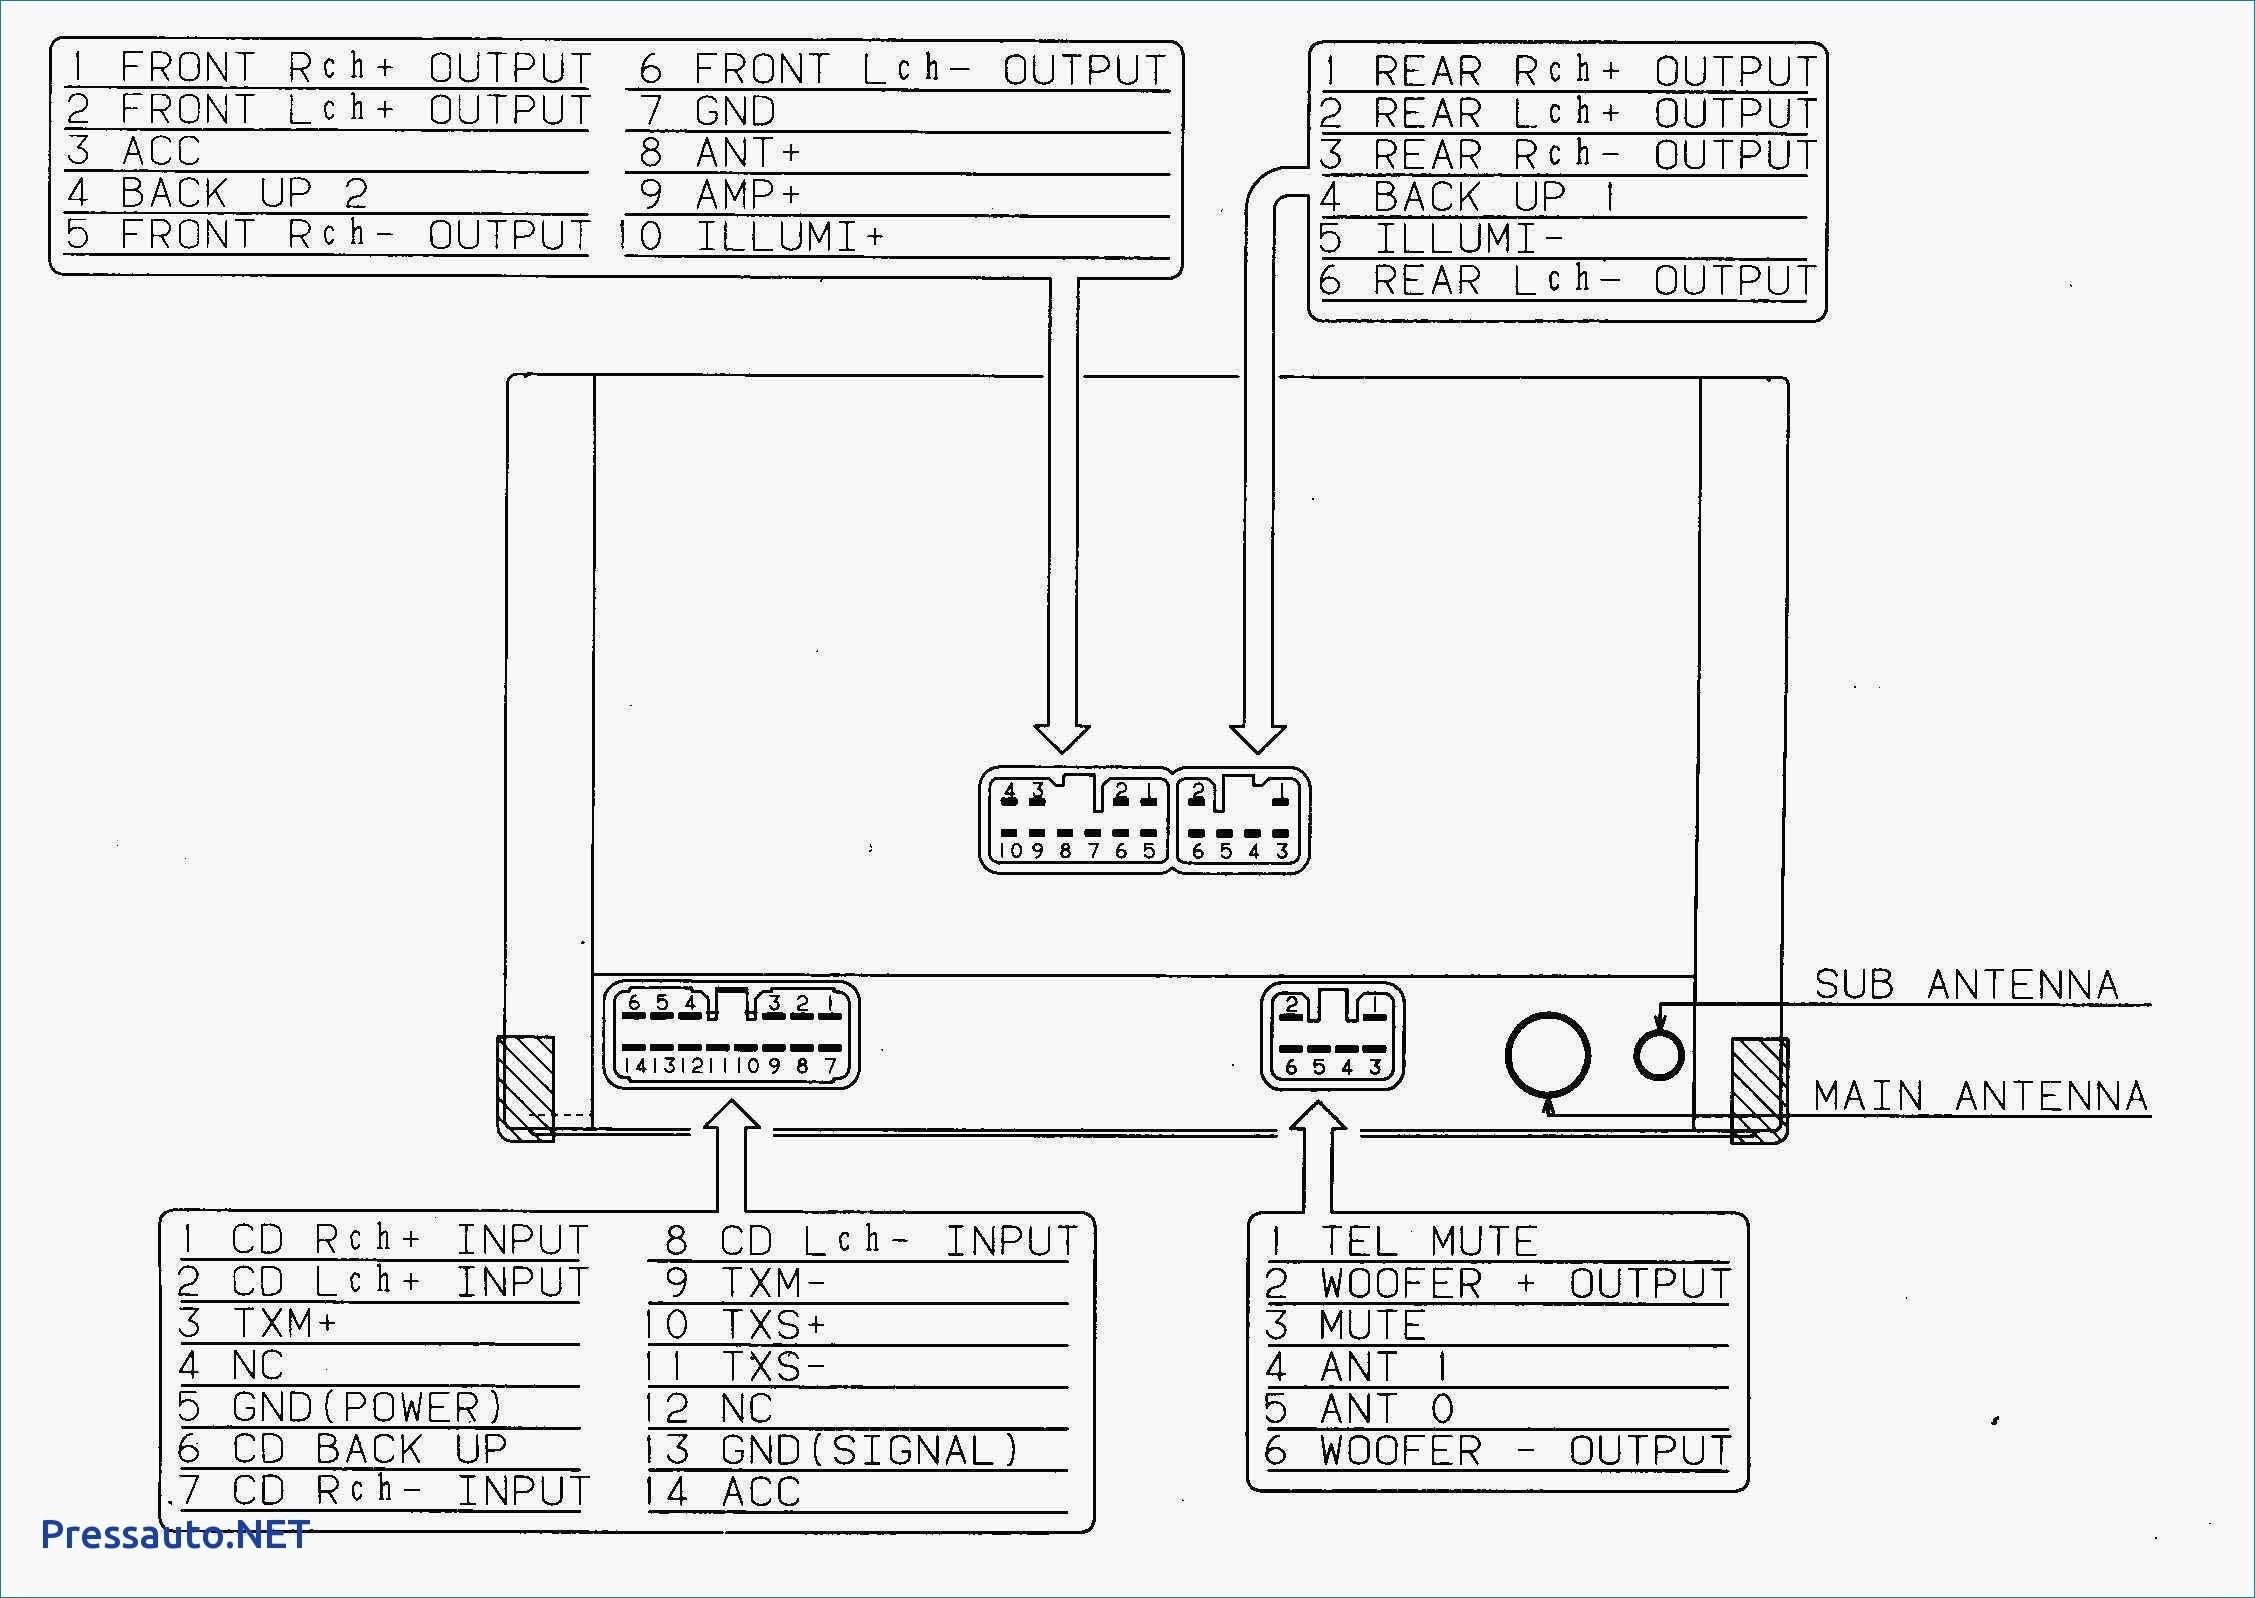 Pioneer Car Stereo Wiring Diagram Pioneer Car Stereo Wiring Diagram Unique Car Audio Wire Diagram Of Pioneer Car Stereo Wiring Diagram